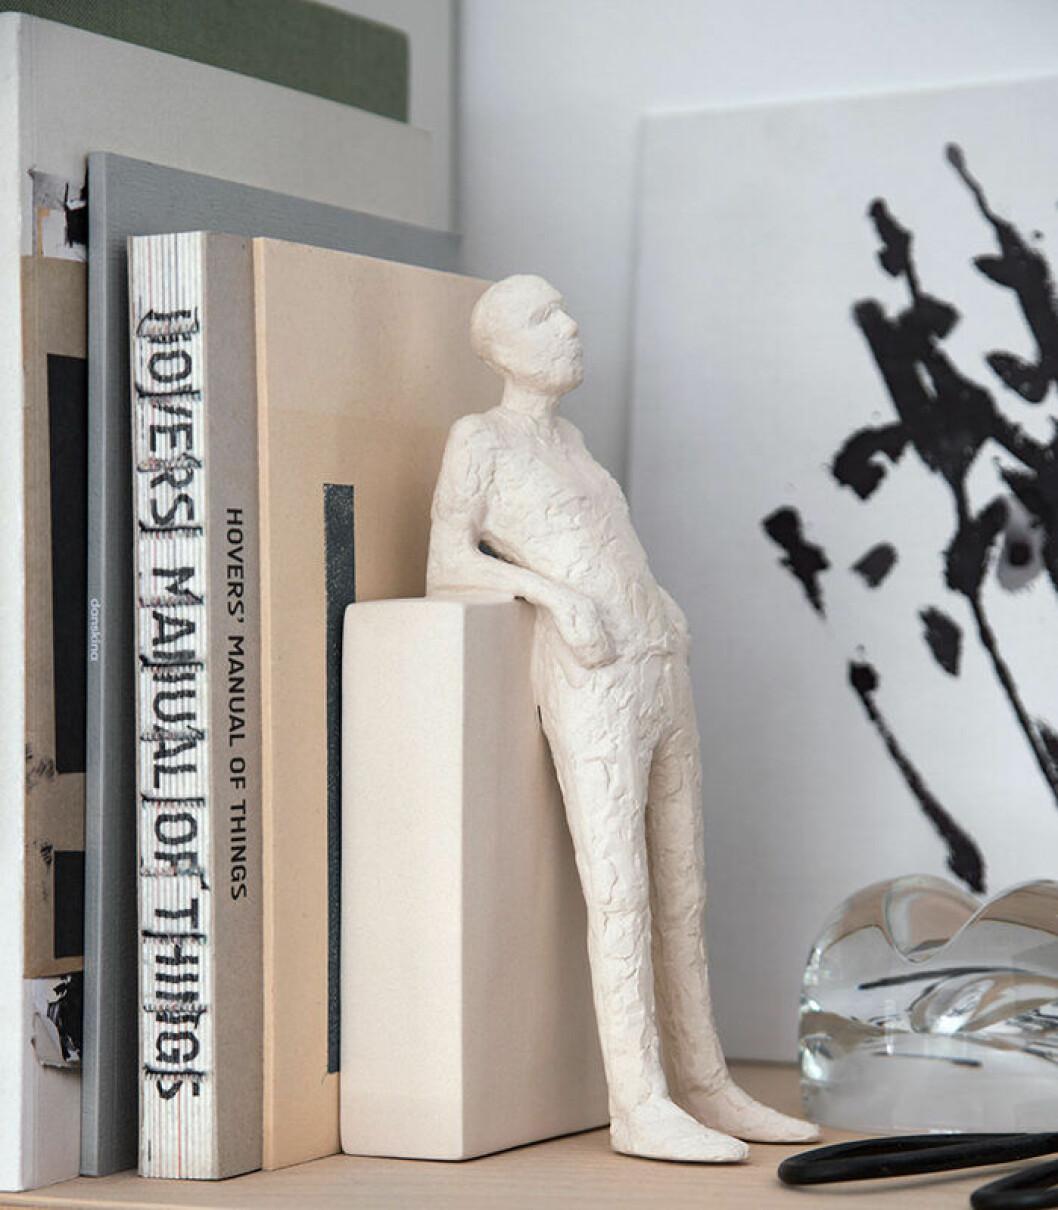 Figuriner var trendigt 2018 - här hos Kähler